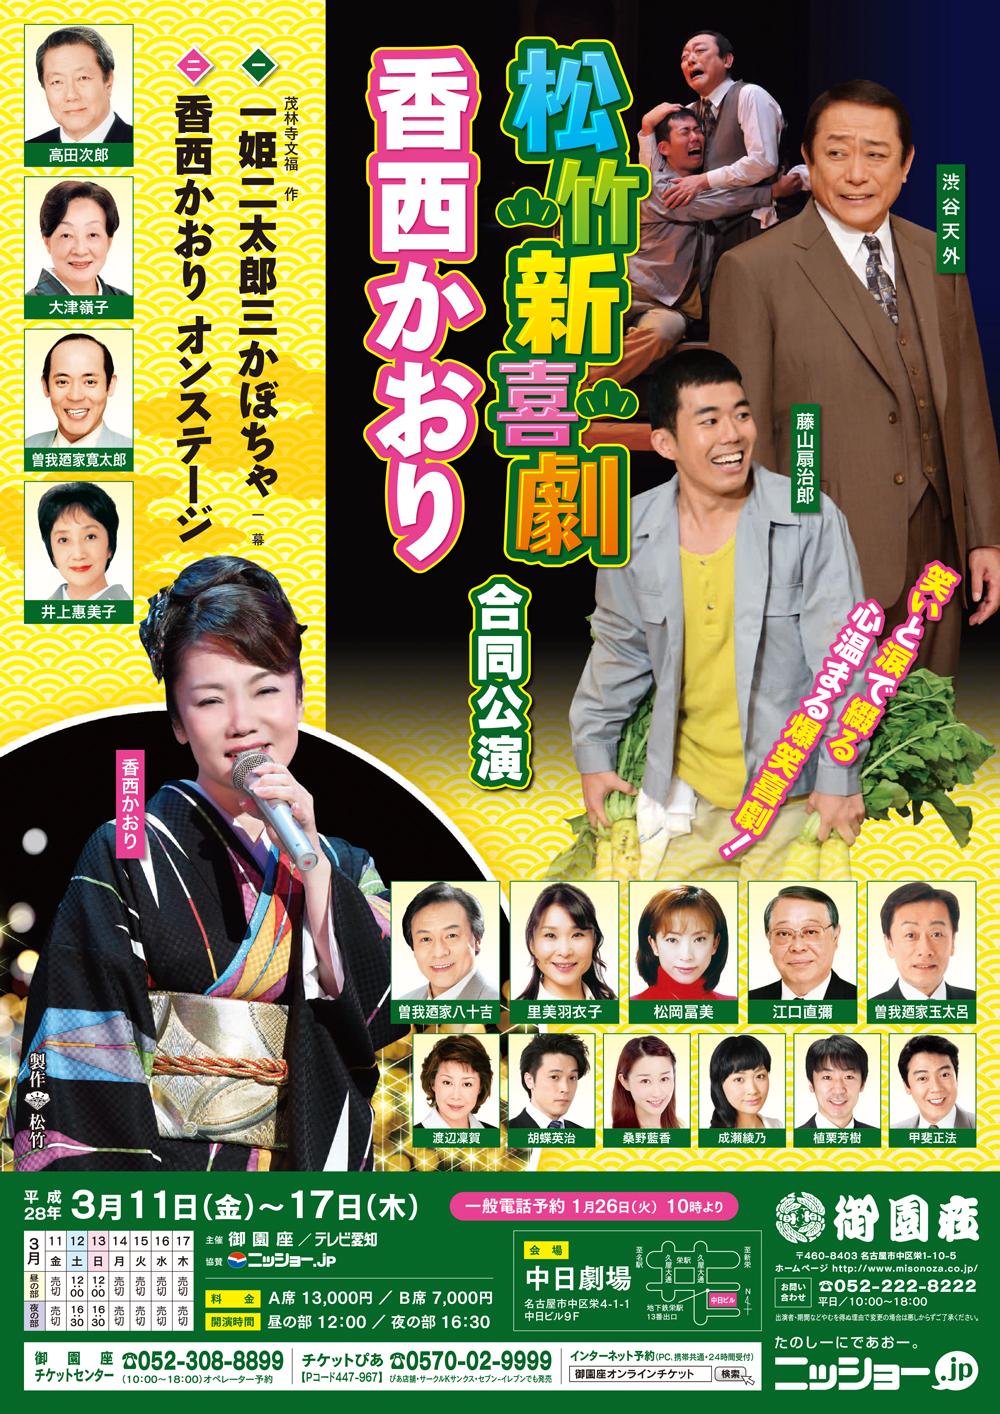 【中日劇場】  松竹新喜劇・香西かおり合同公演